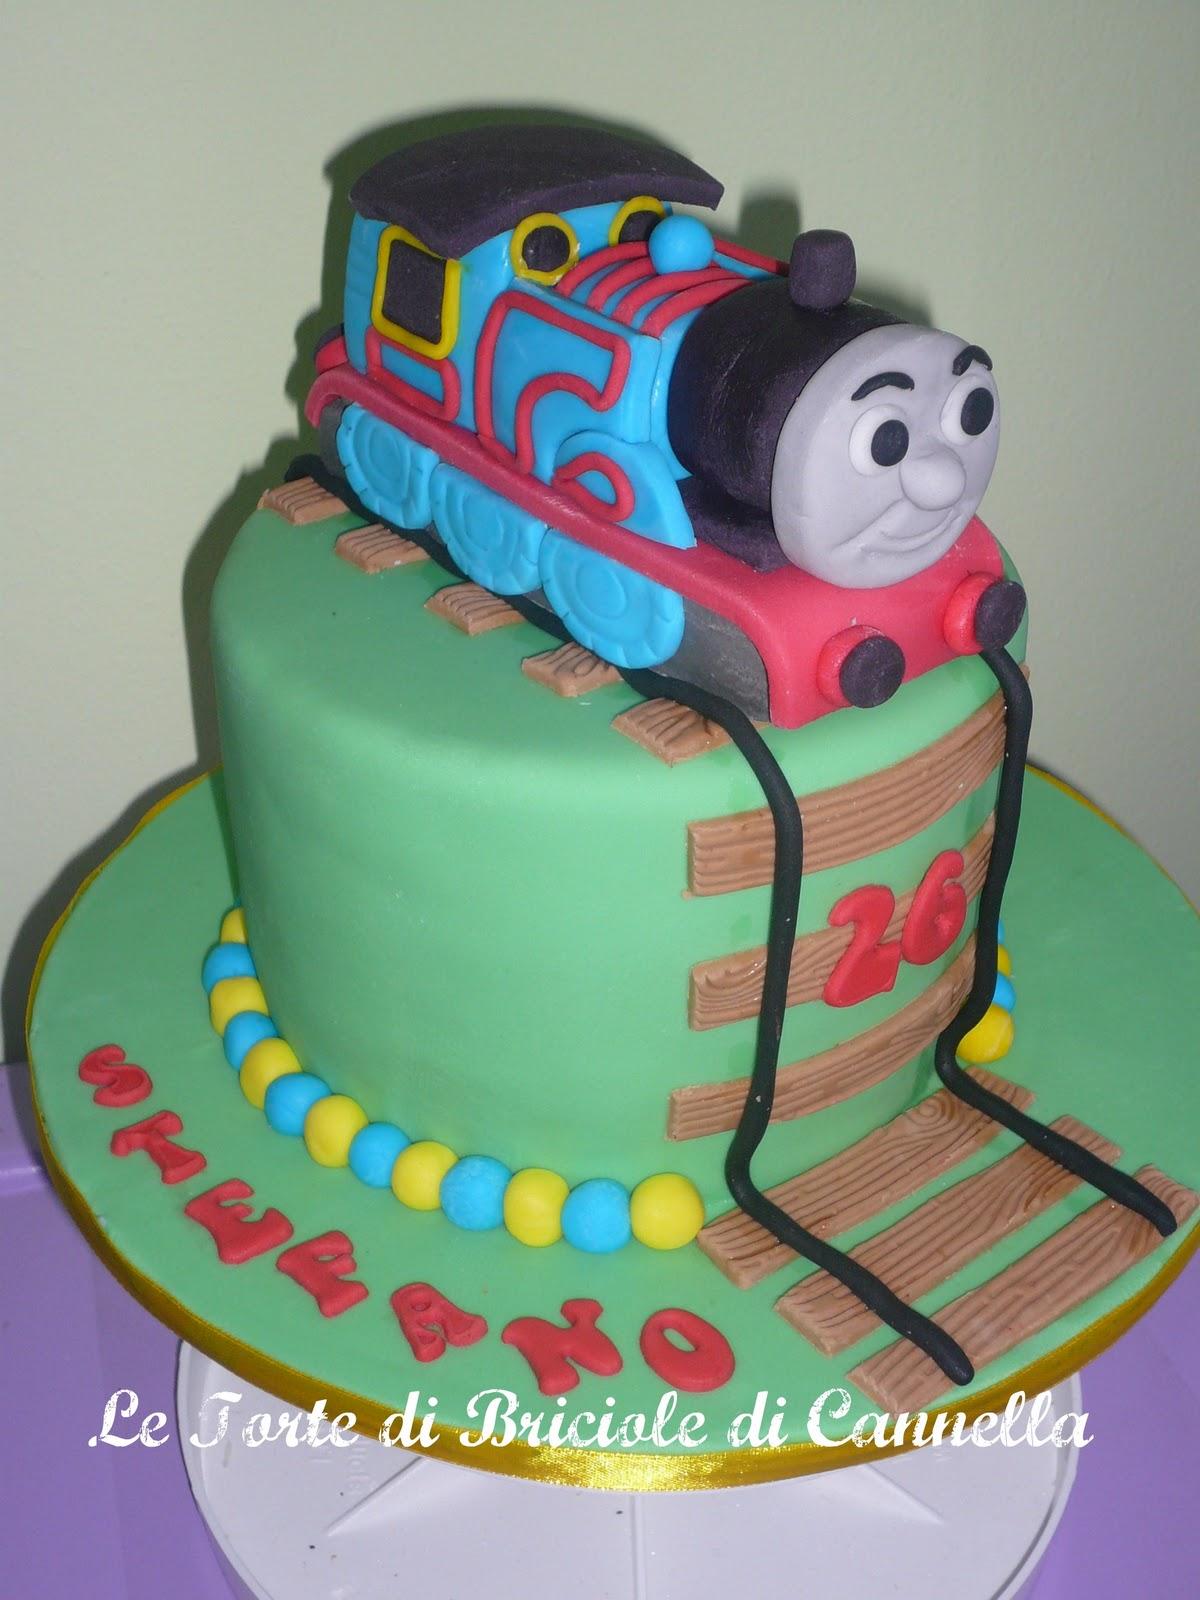 Le torte di briciole di cannella trenino thomas for Decorazioni torte trenino thomas